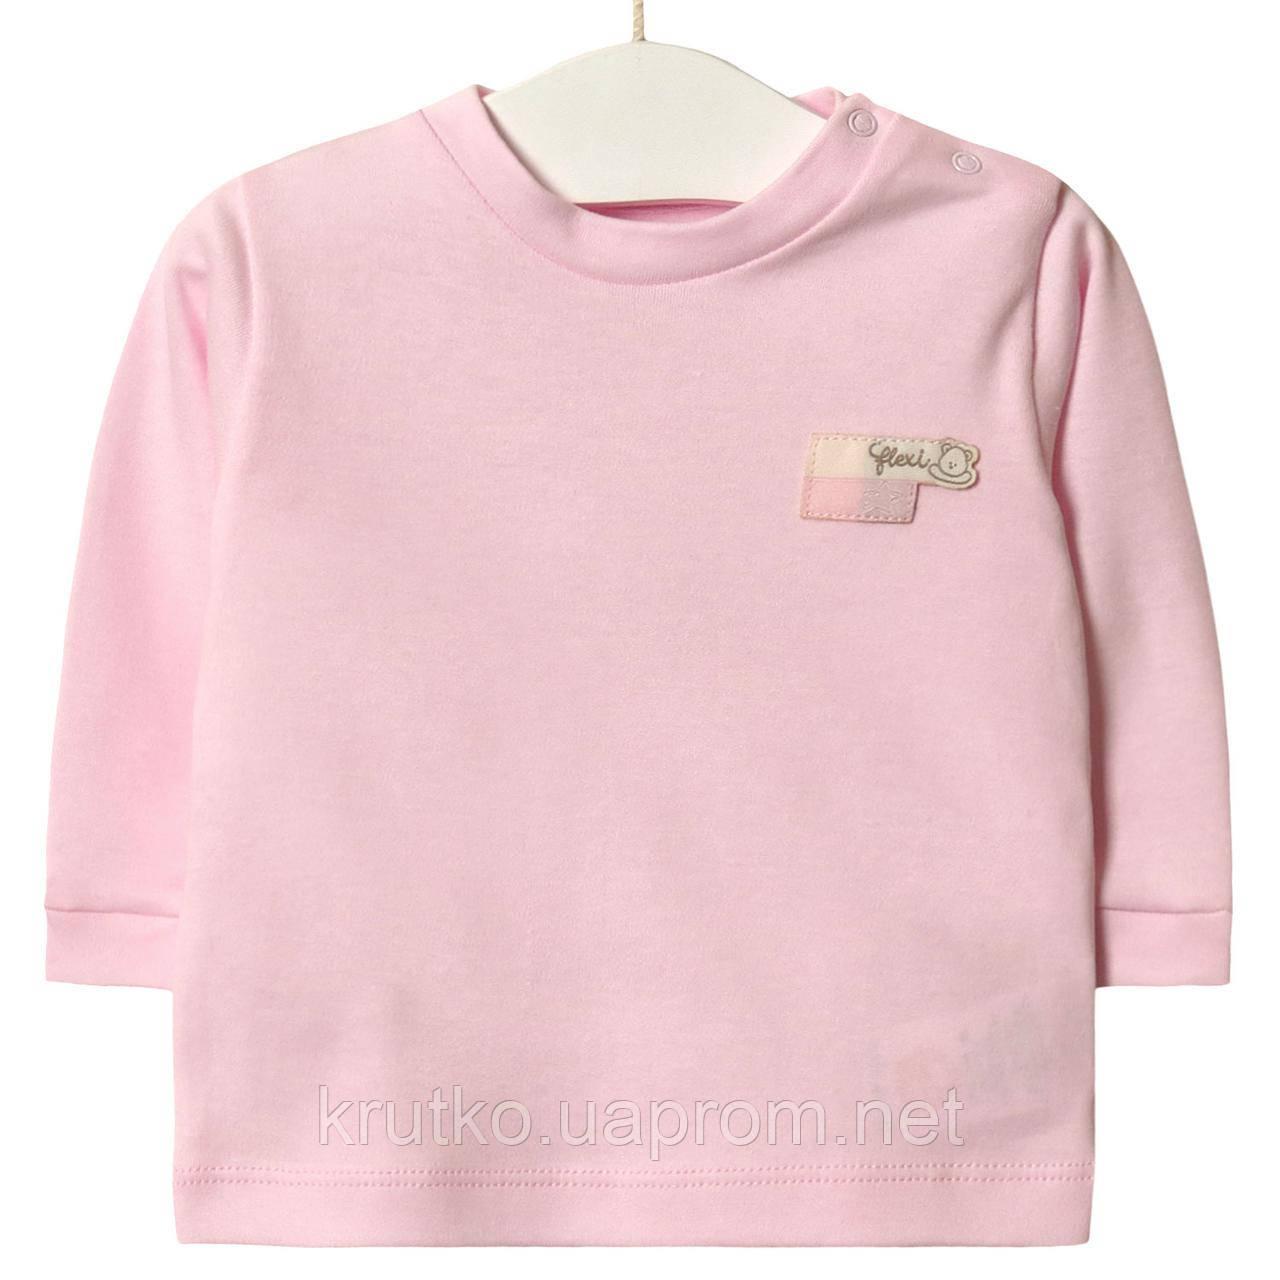 Лонгслів для дівчинки Зірочка, рожевий Flexi (3 міс)